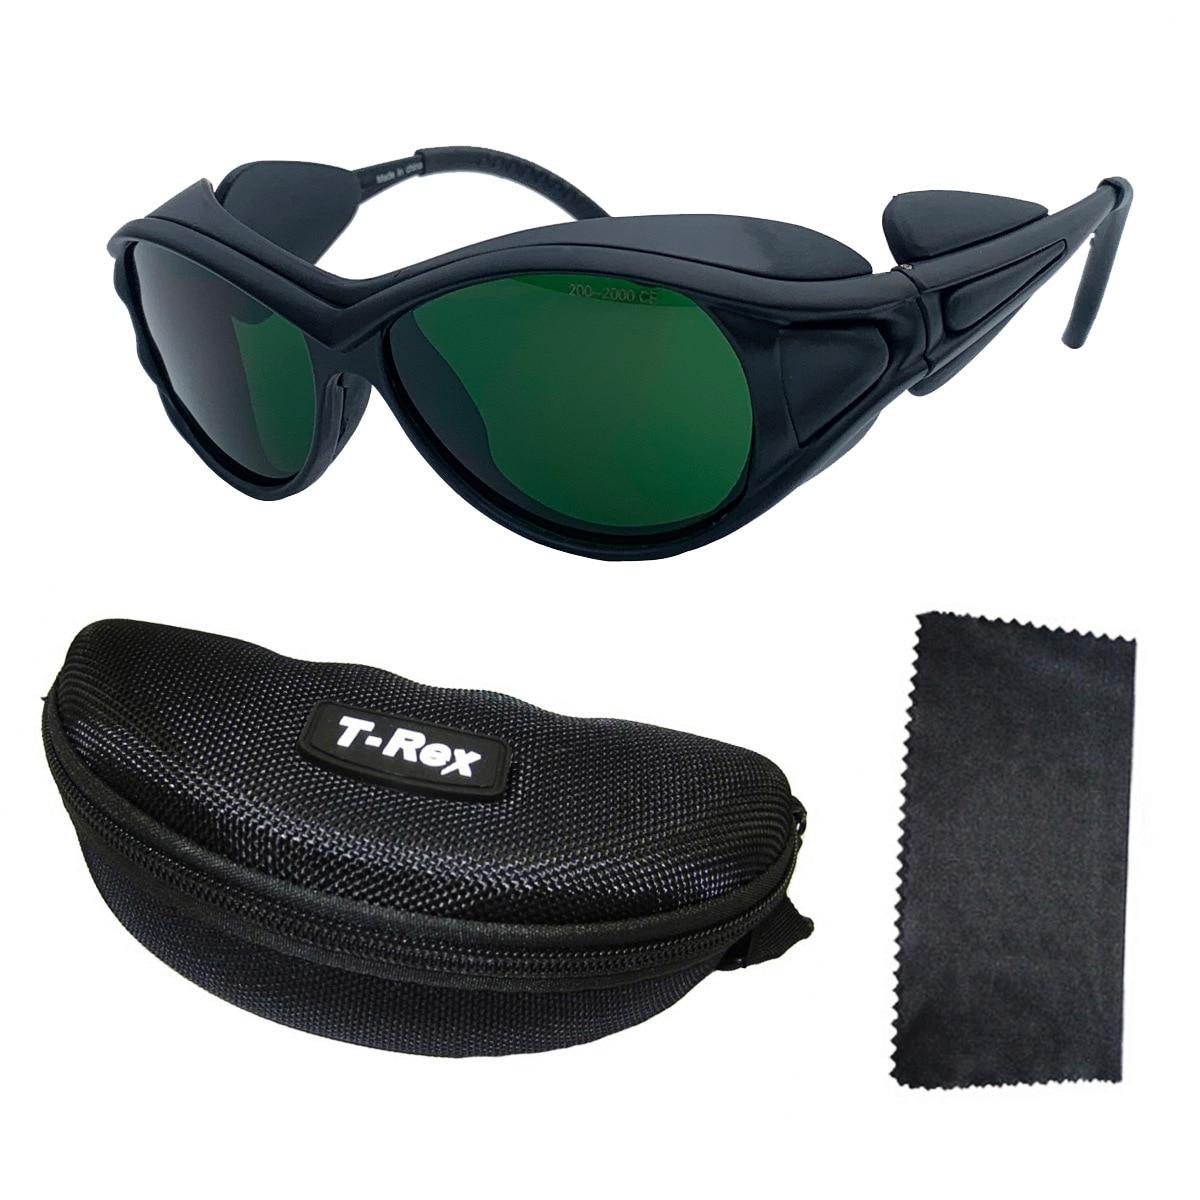 نظارات واقية ليزر ، أداة تجميل ، led ، حماية ضوء قوي ، عدسات ضوئية ملونة 200-1400 نانومتر